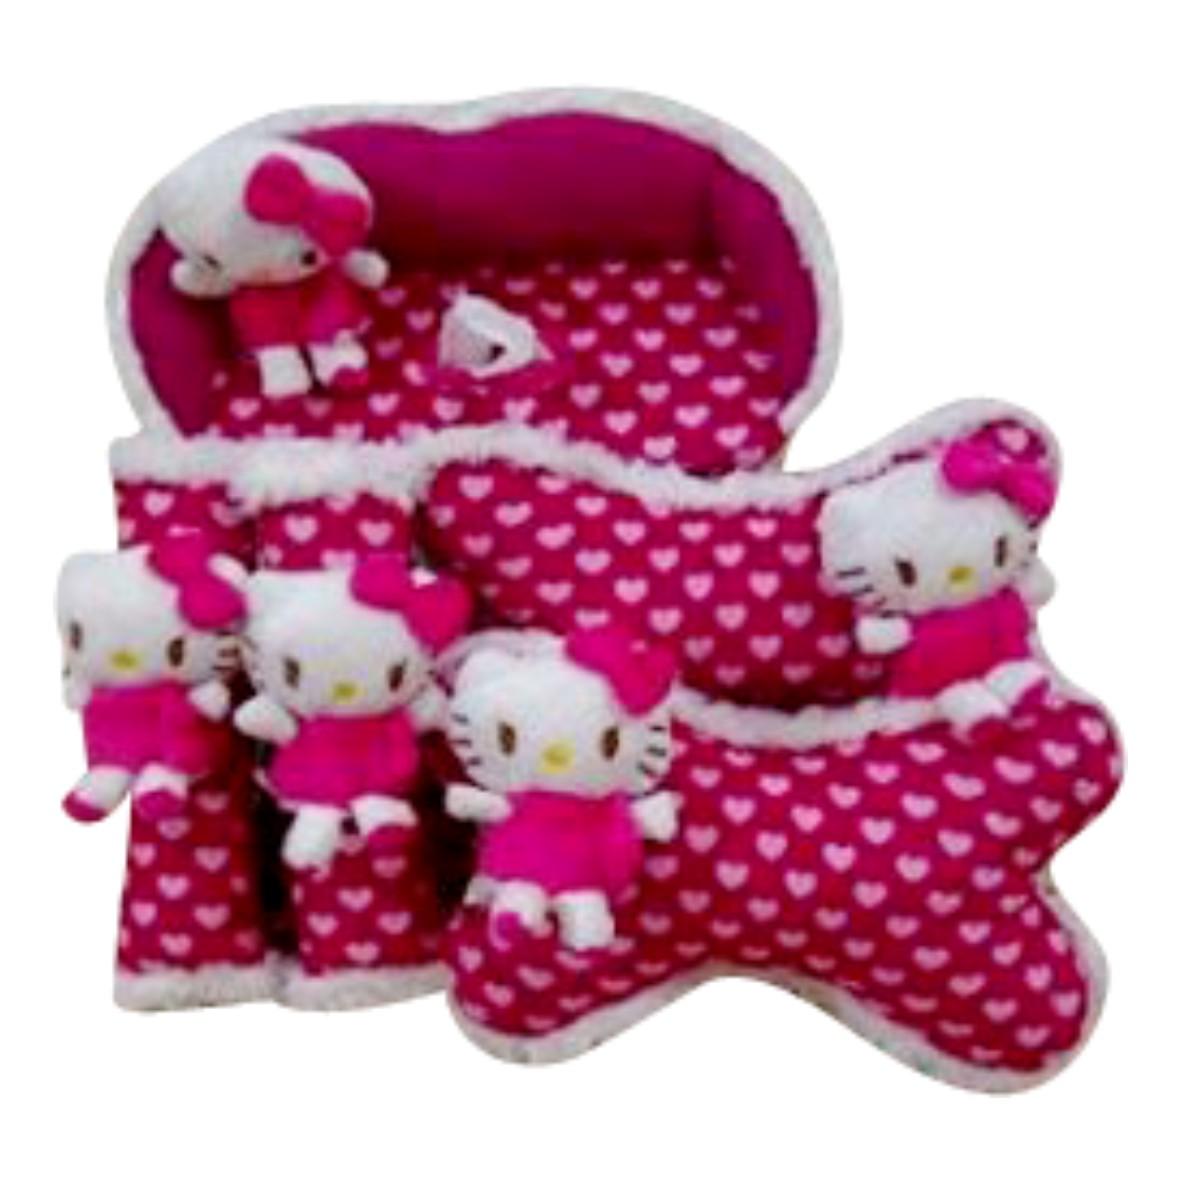 Bantal Mobil 3 In 1 Car Set 3in1 Aksesoris Ac Milan Spec Dan Jual Boneka Hello Kitty Merah Patmoza Shop